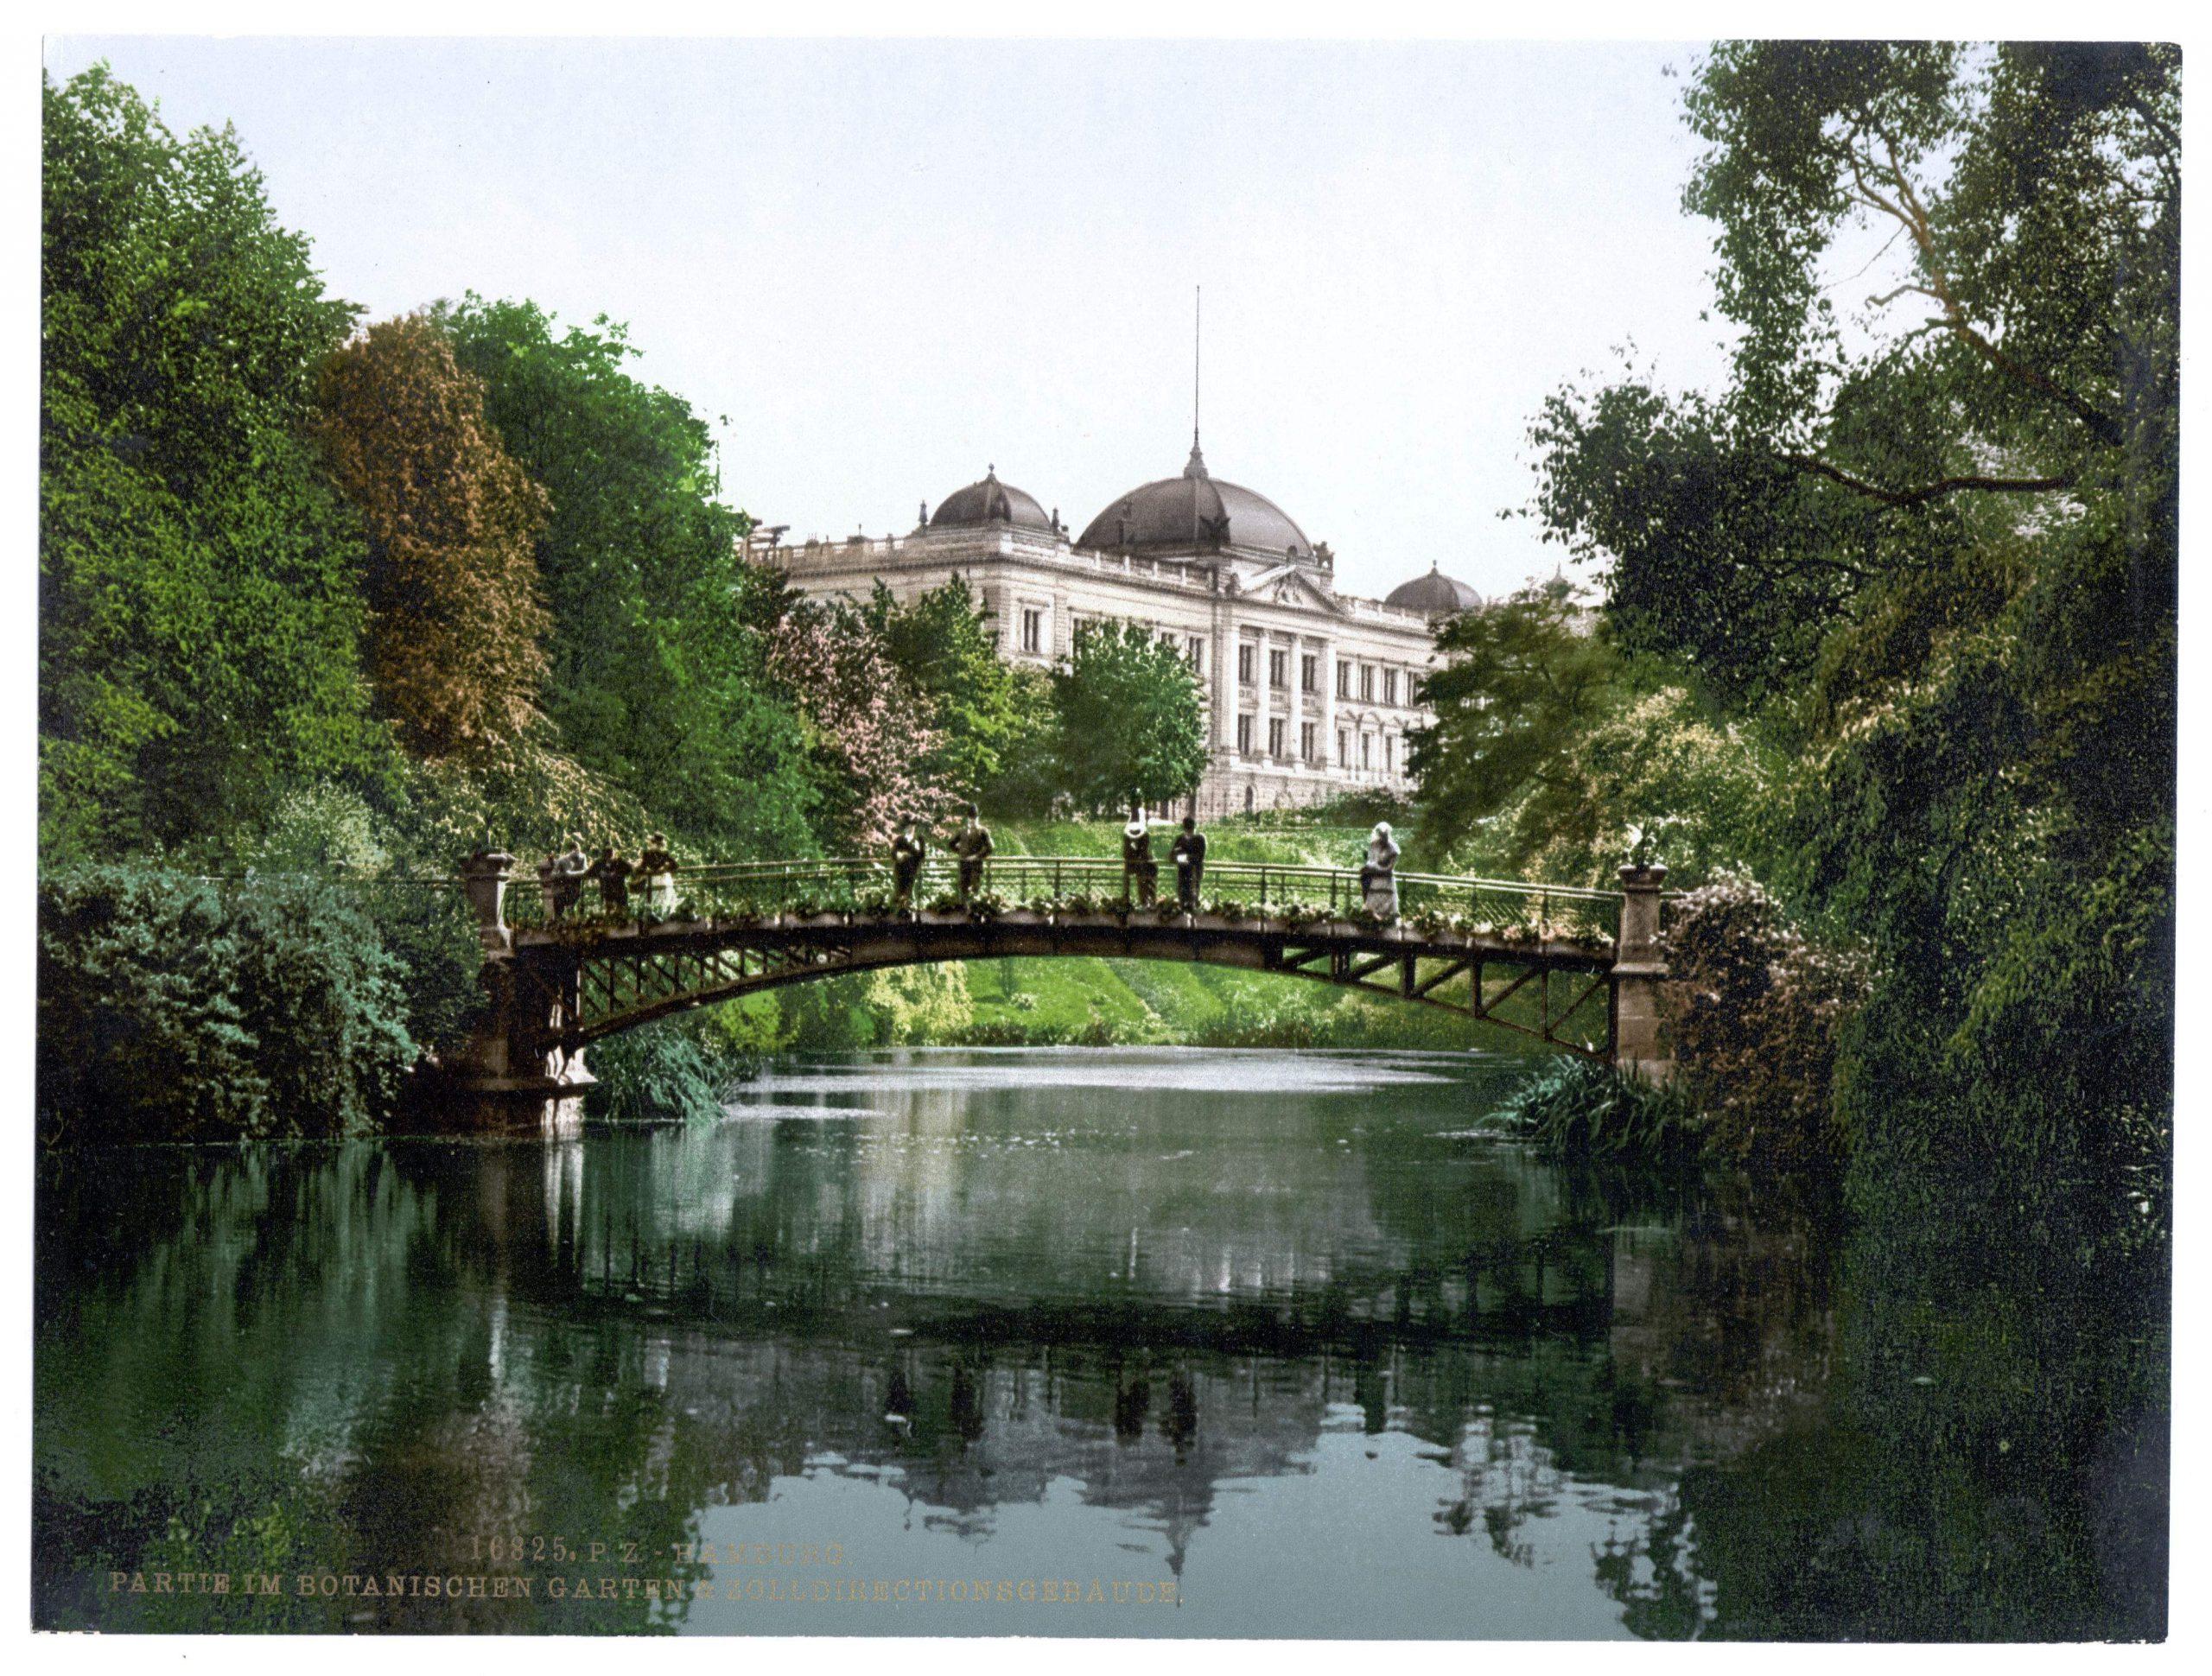 Botanischer Garten Hamburg Das Beste Von Hamburg Partie Im Botanischen Garten & Zolldirectionsgebäude